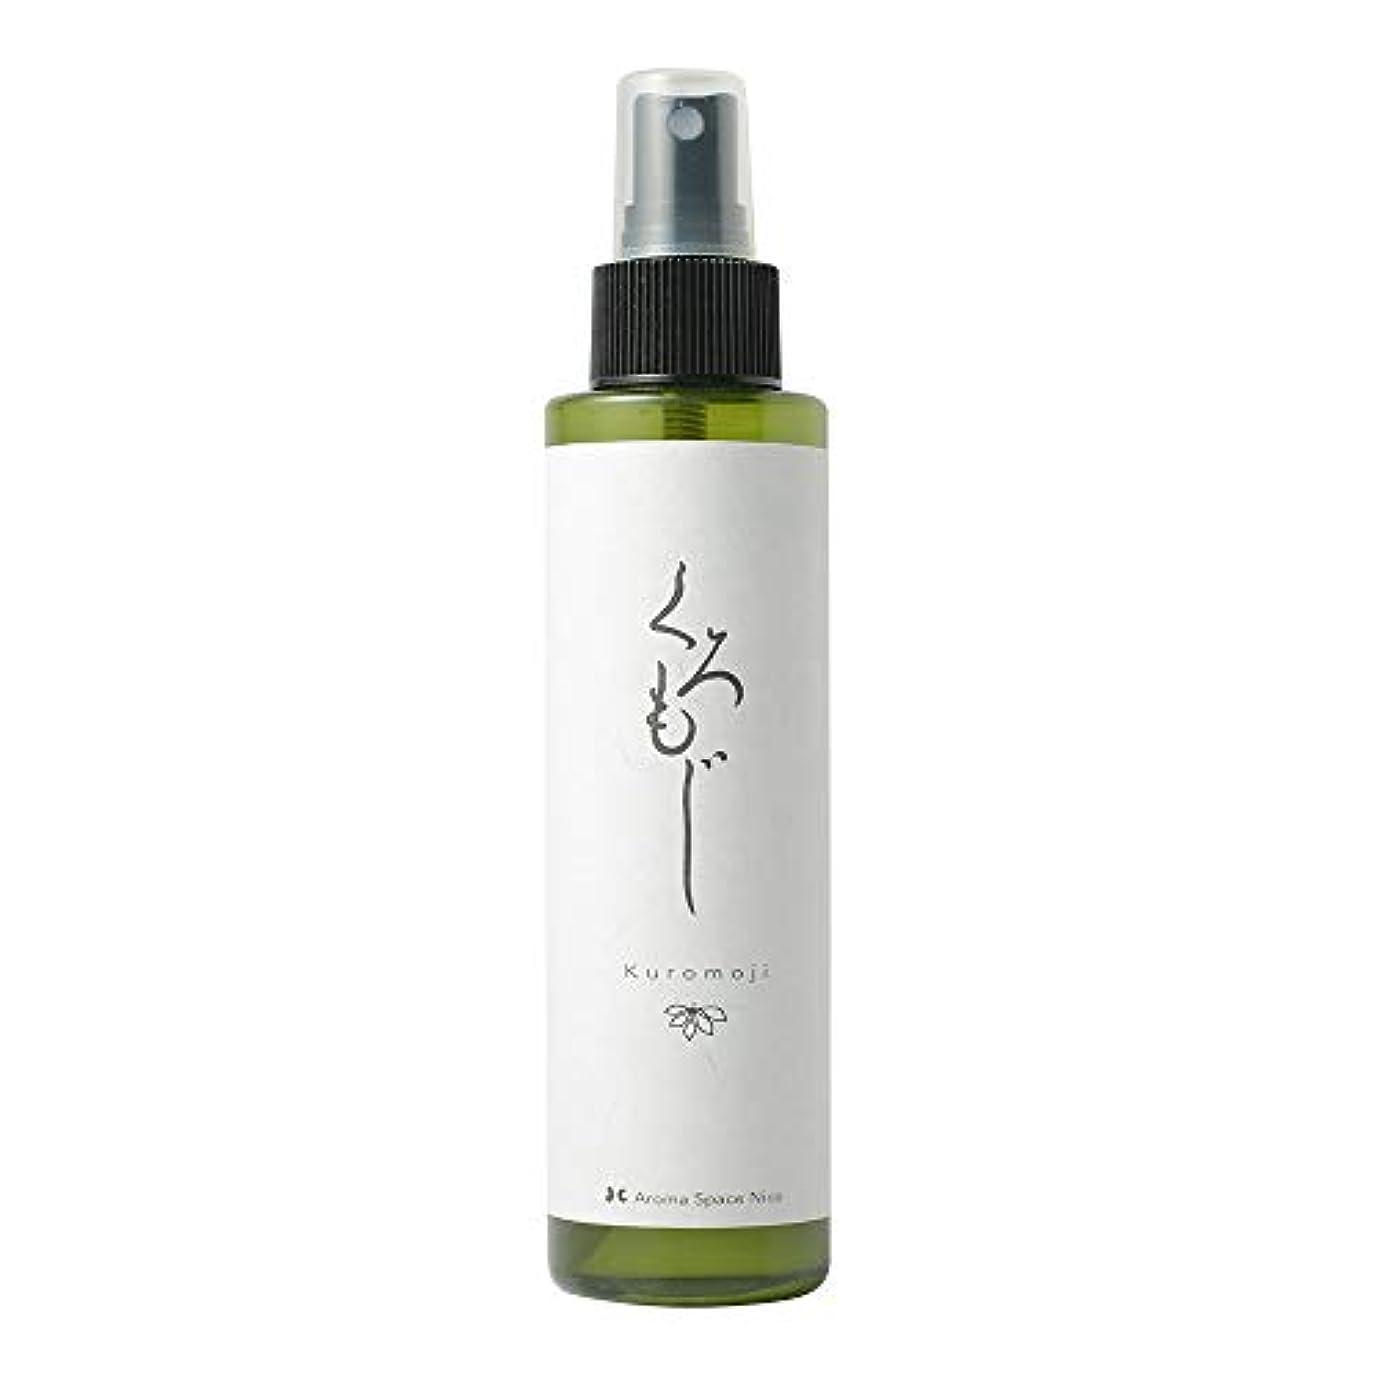 破裂一時停止レイア無添加 さっぱり 化粧水 NICOクロモジハーブウォーター 敏感肌 ミスト 天然成分100% 心が和む和の香り … (150ml)